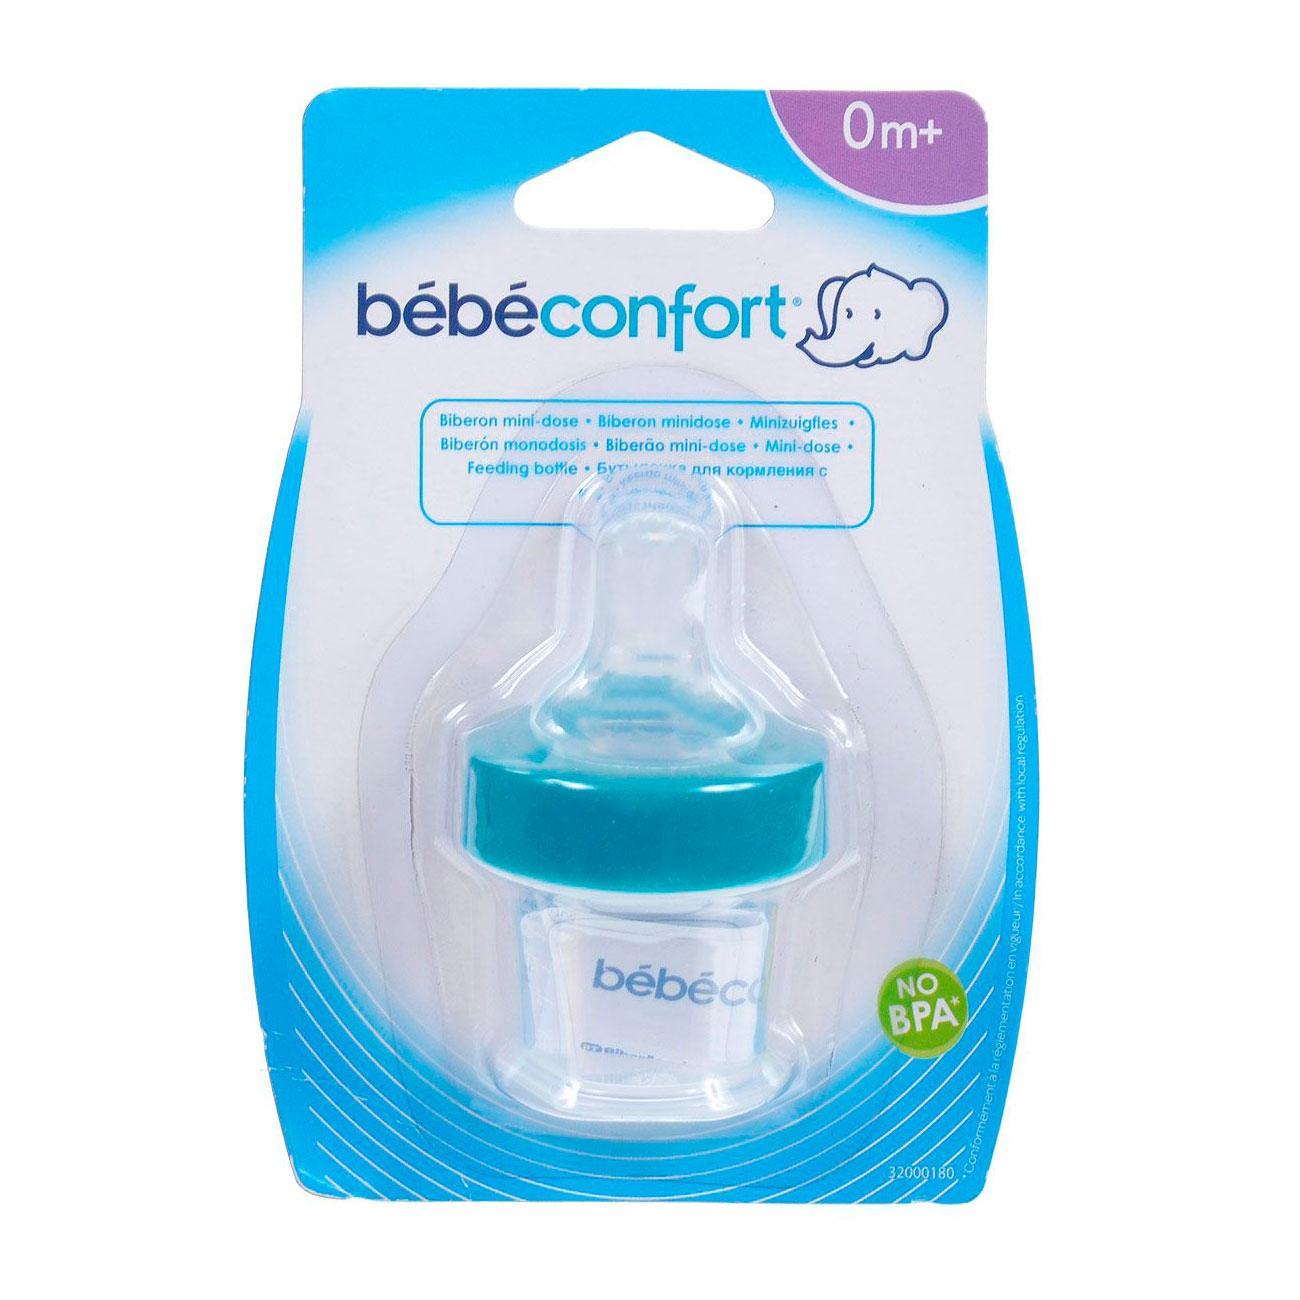 ����-������� Bebe Confort ��� �������� �������